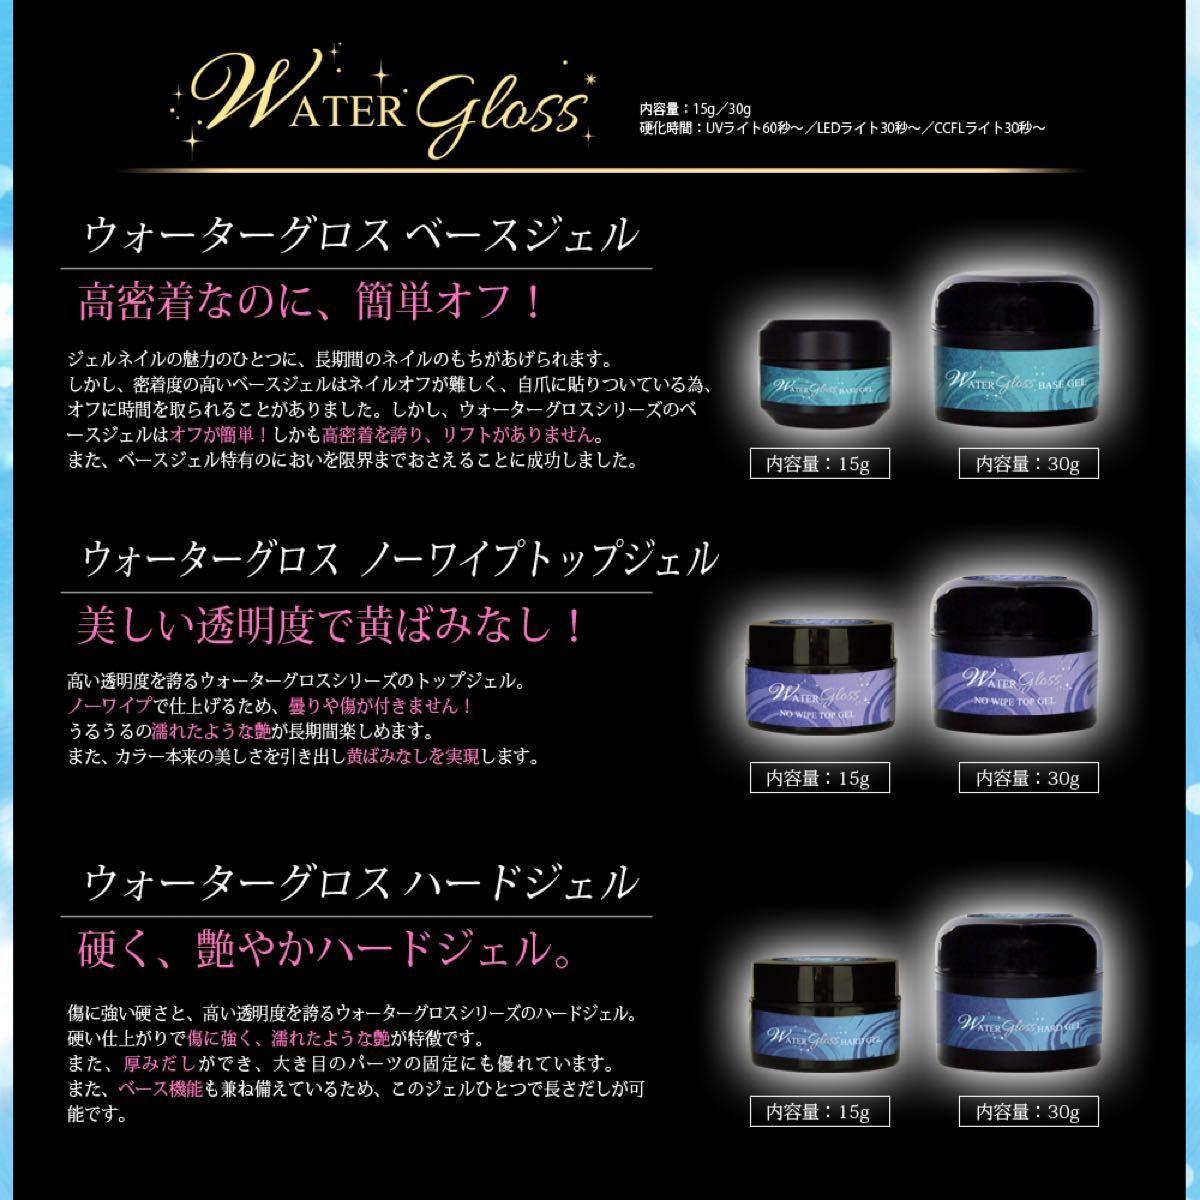 ウォーターグロス30gセット/ベースジェル/ノンワイプトップジェル